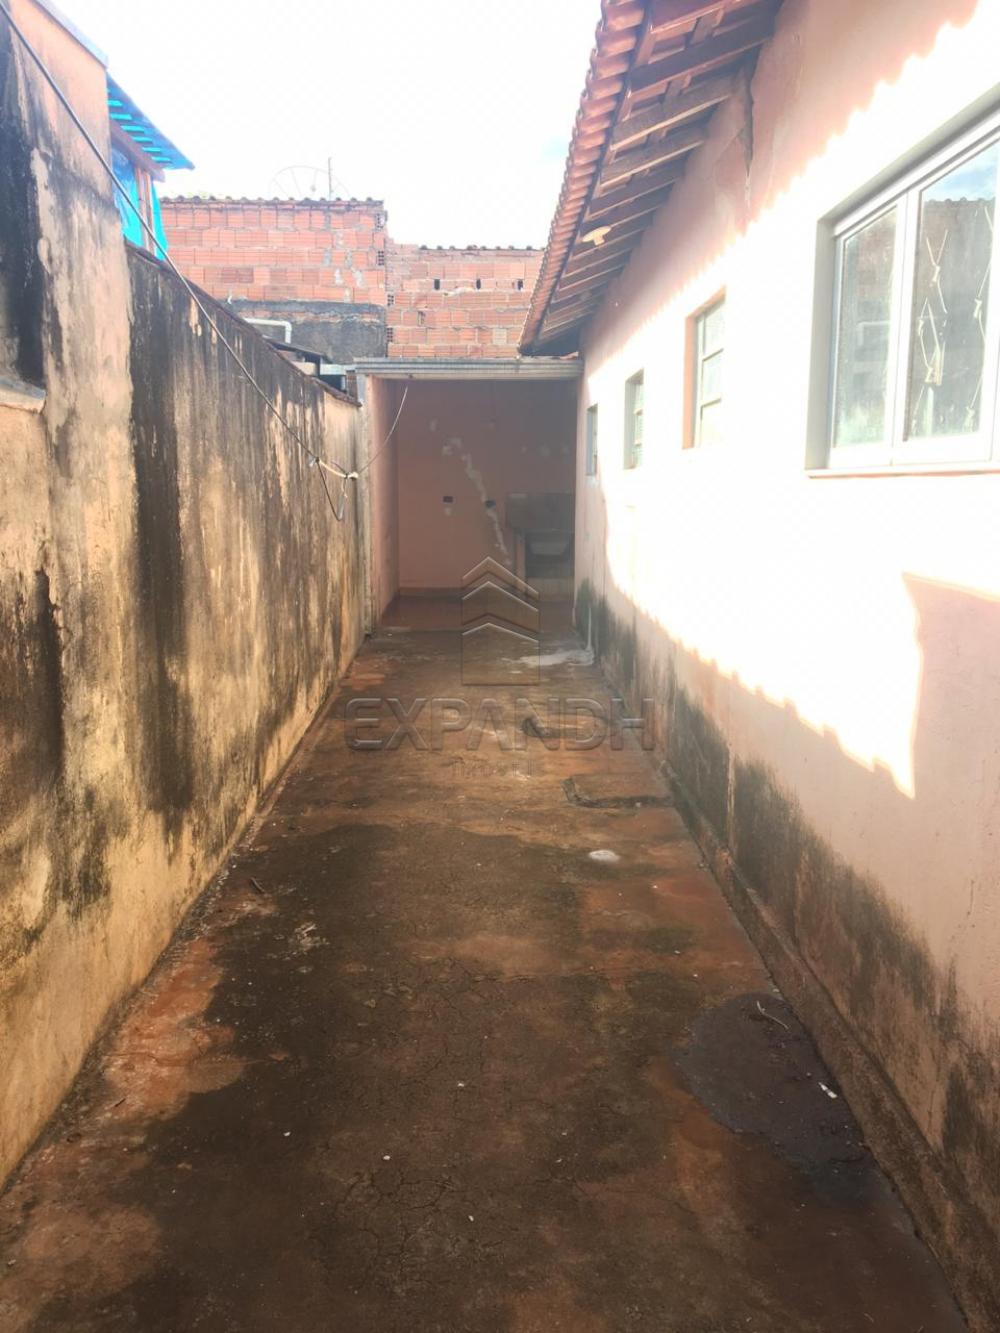 Alugar Casas / Padrão em Sertãozinho apenas R$ 900,00 - Foto 7